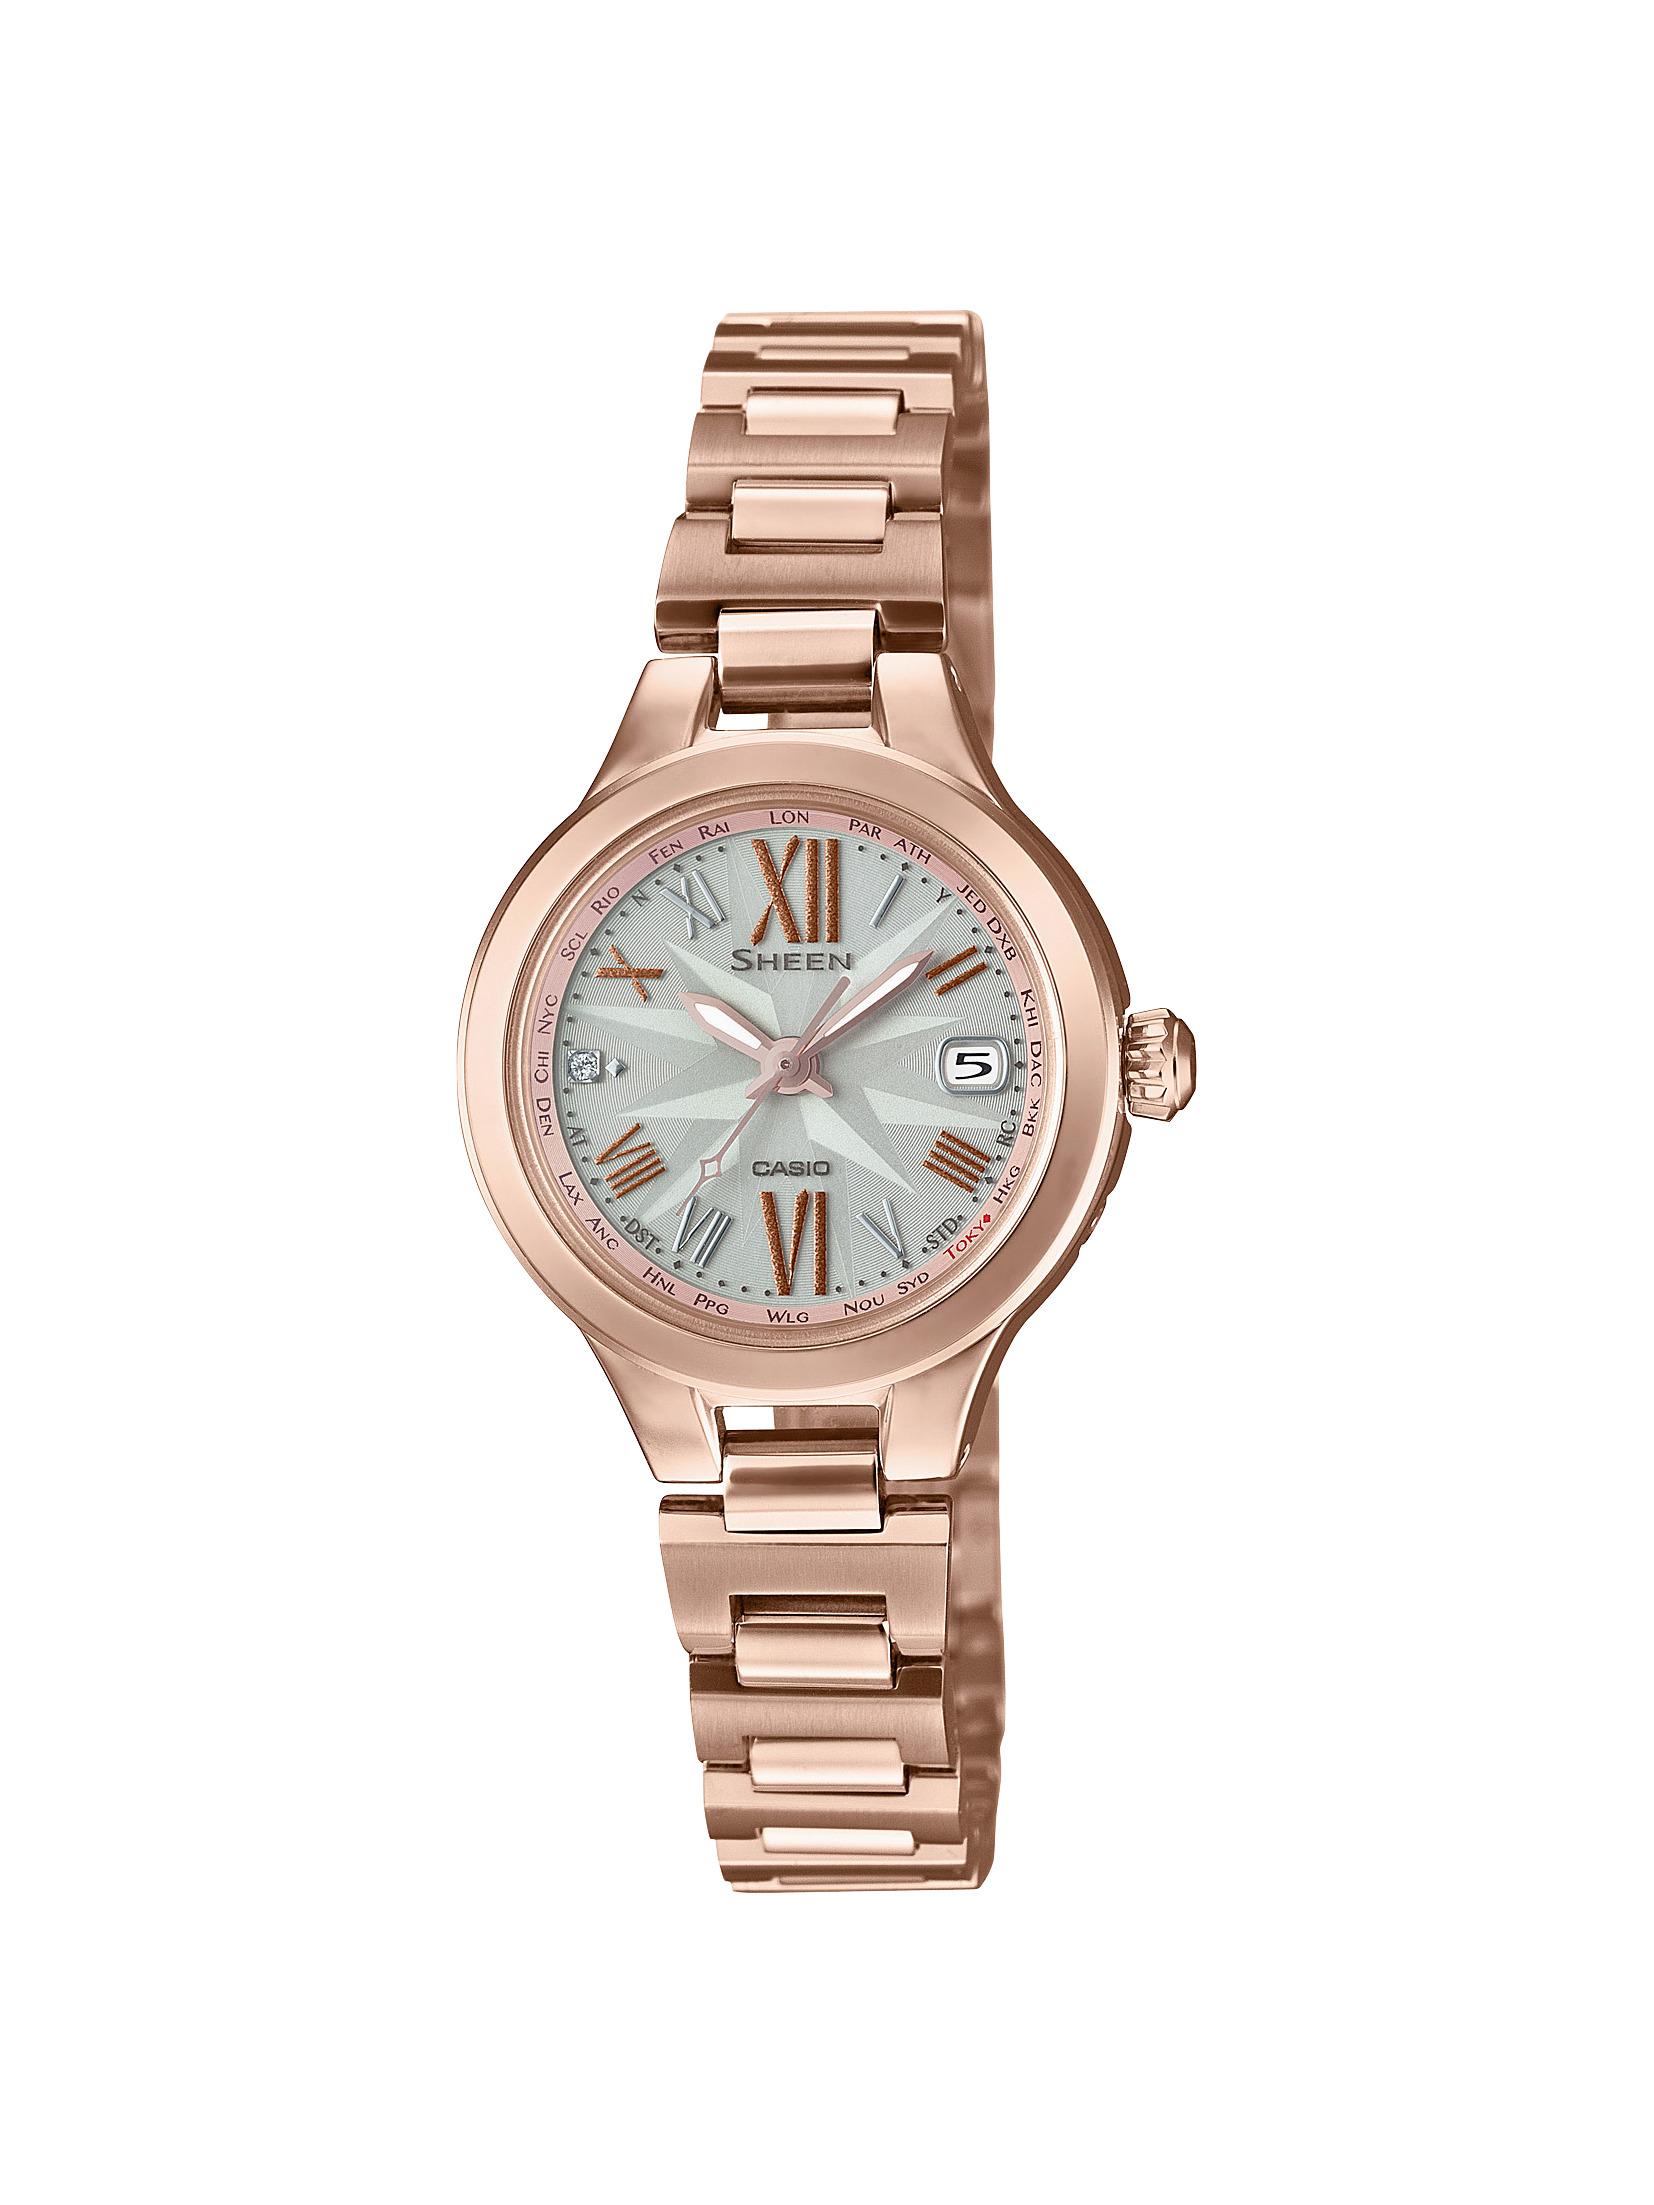 ふるさと納税 CASIO腕時計 SHEEN SHW-1750CG-4AJF (人気激安) 新作 大人気 C-0129